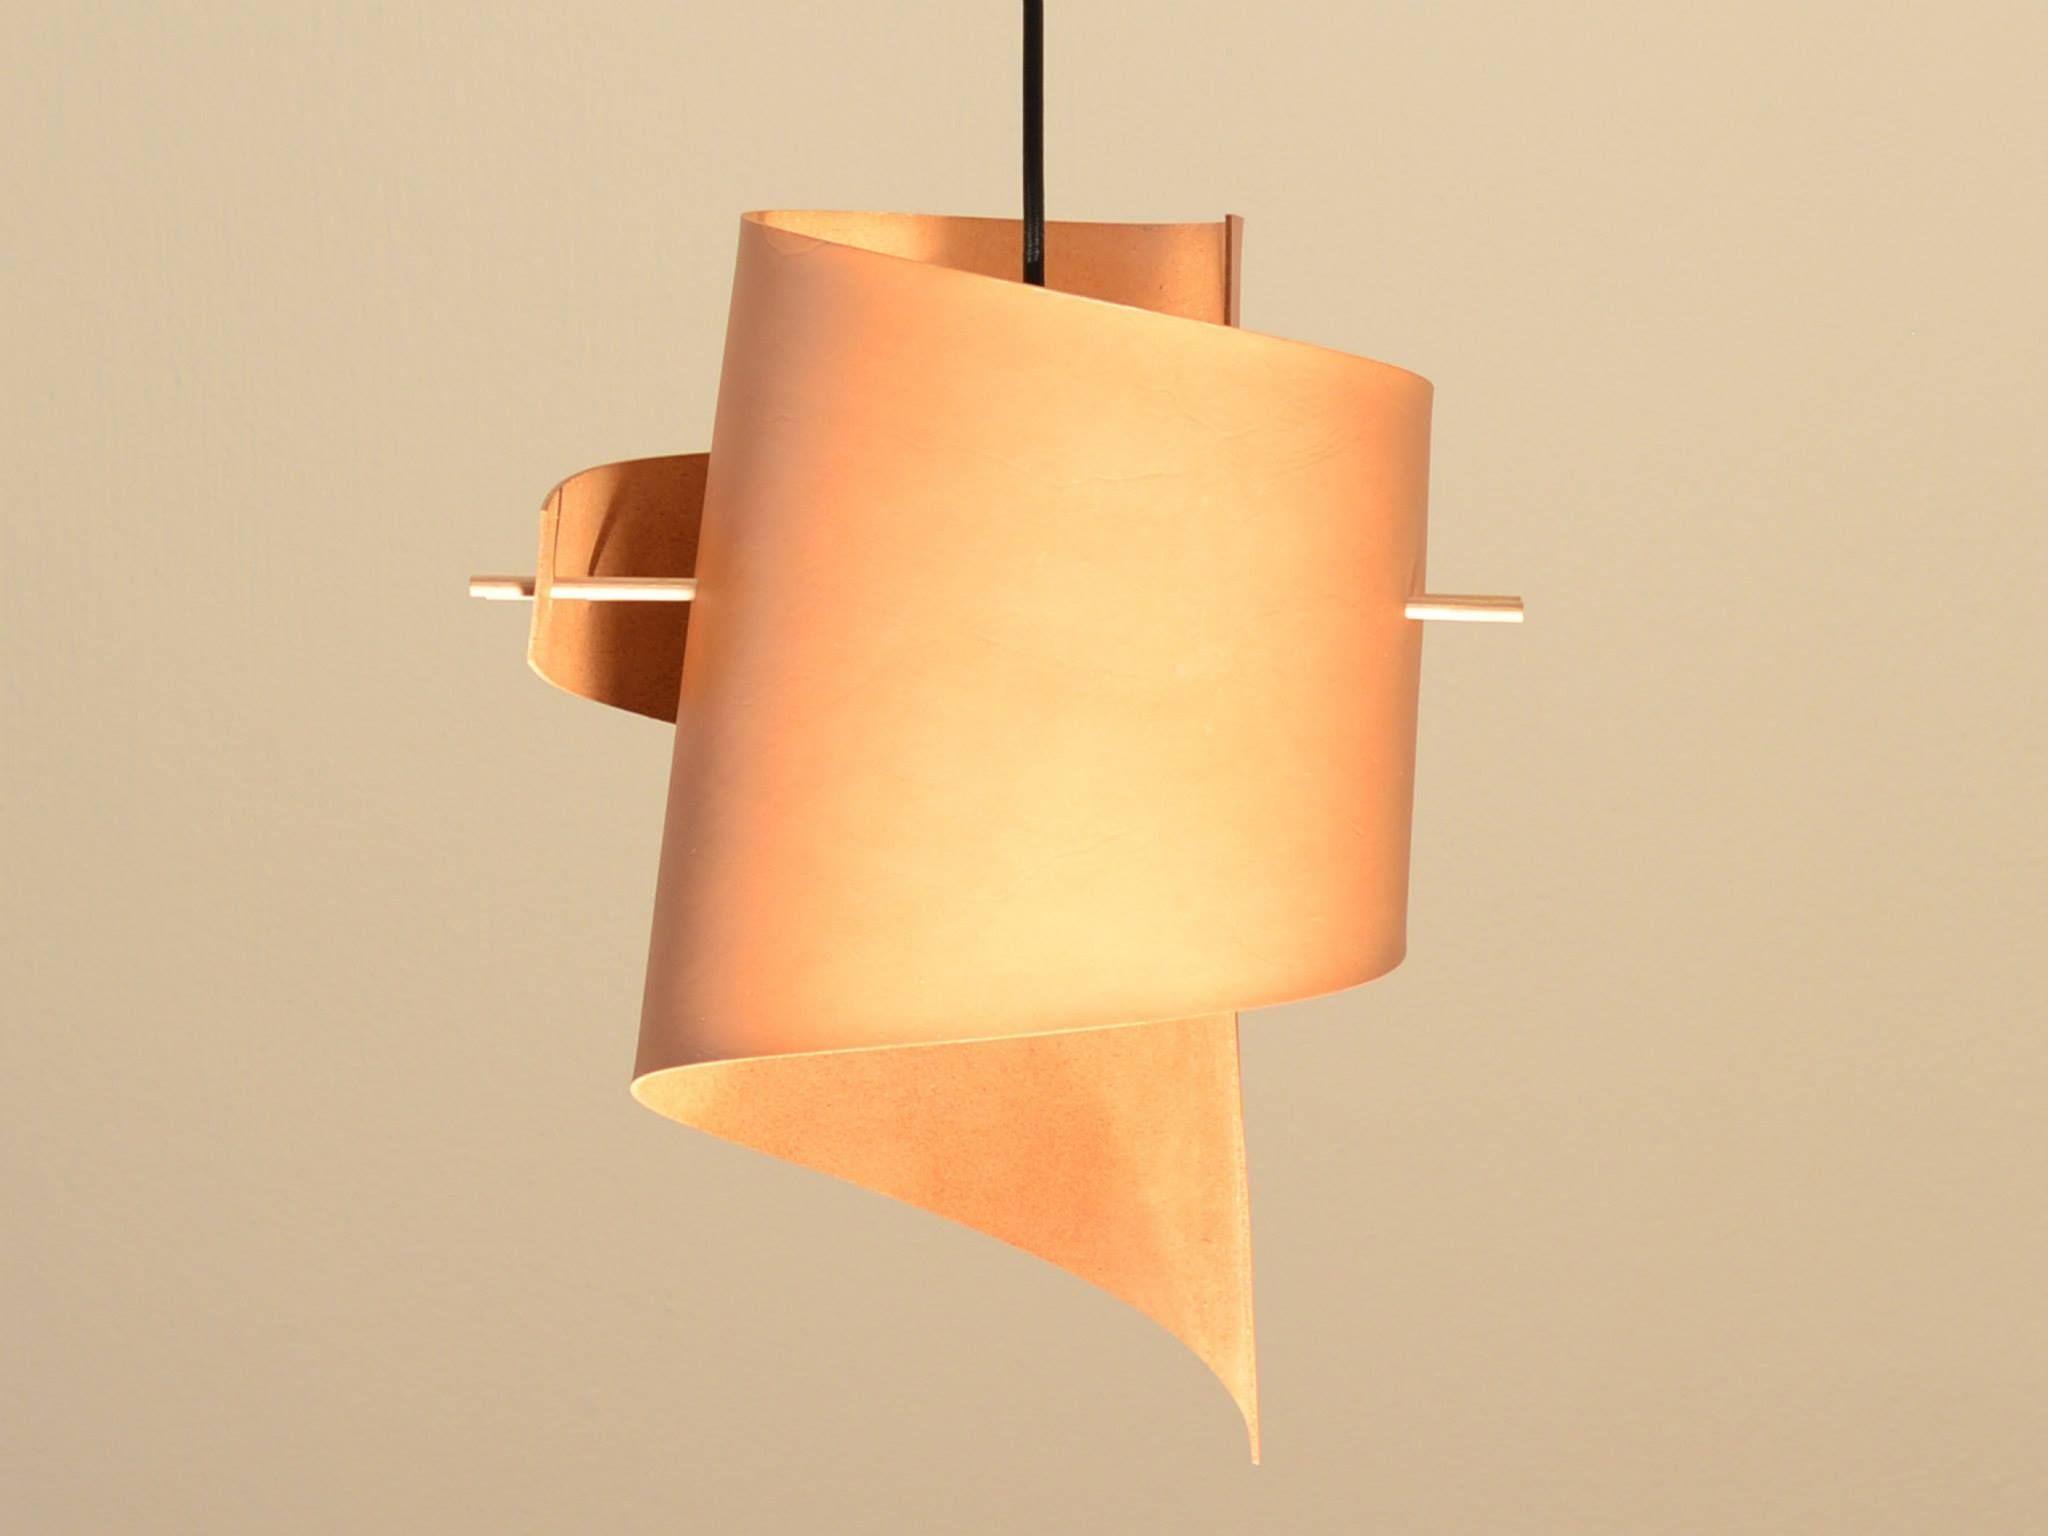 Handcut Danish Design Lamps Handmade In Denmark By Kristoffer Munk From Moijn